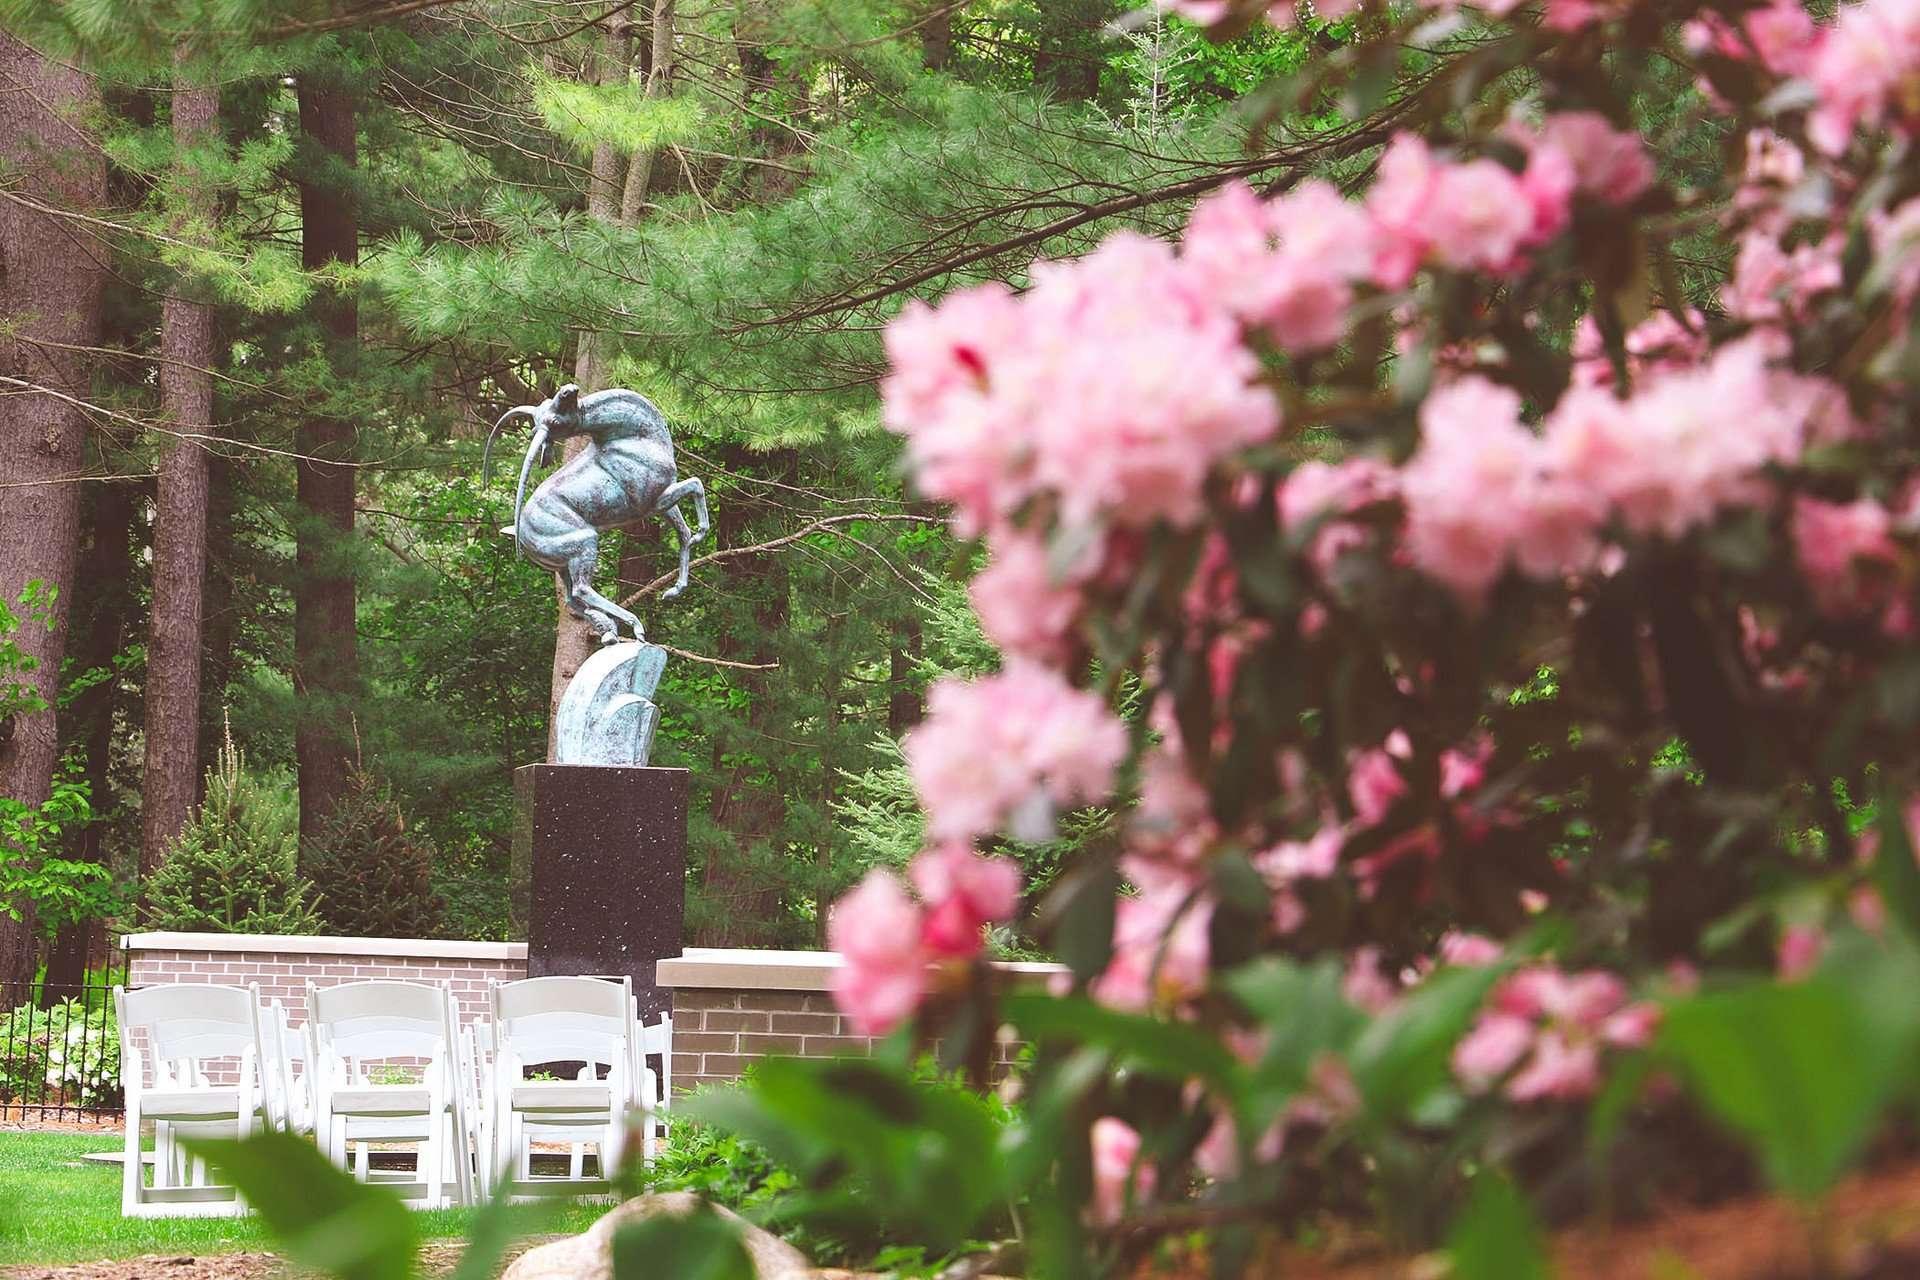 Gazelle statue at Dow Gardens